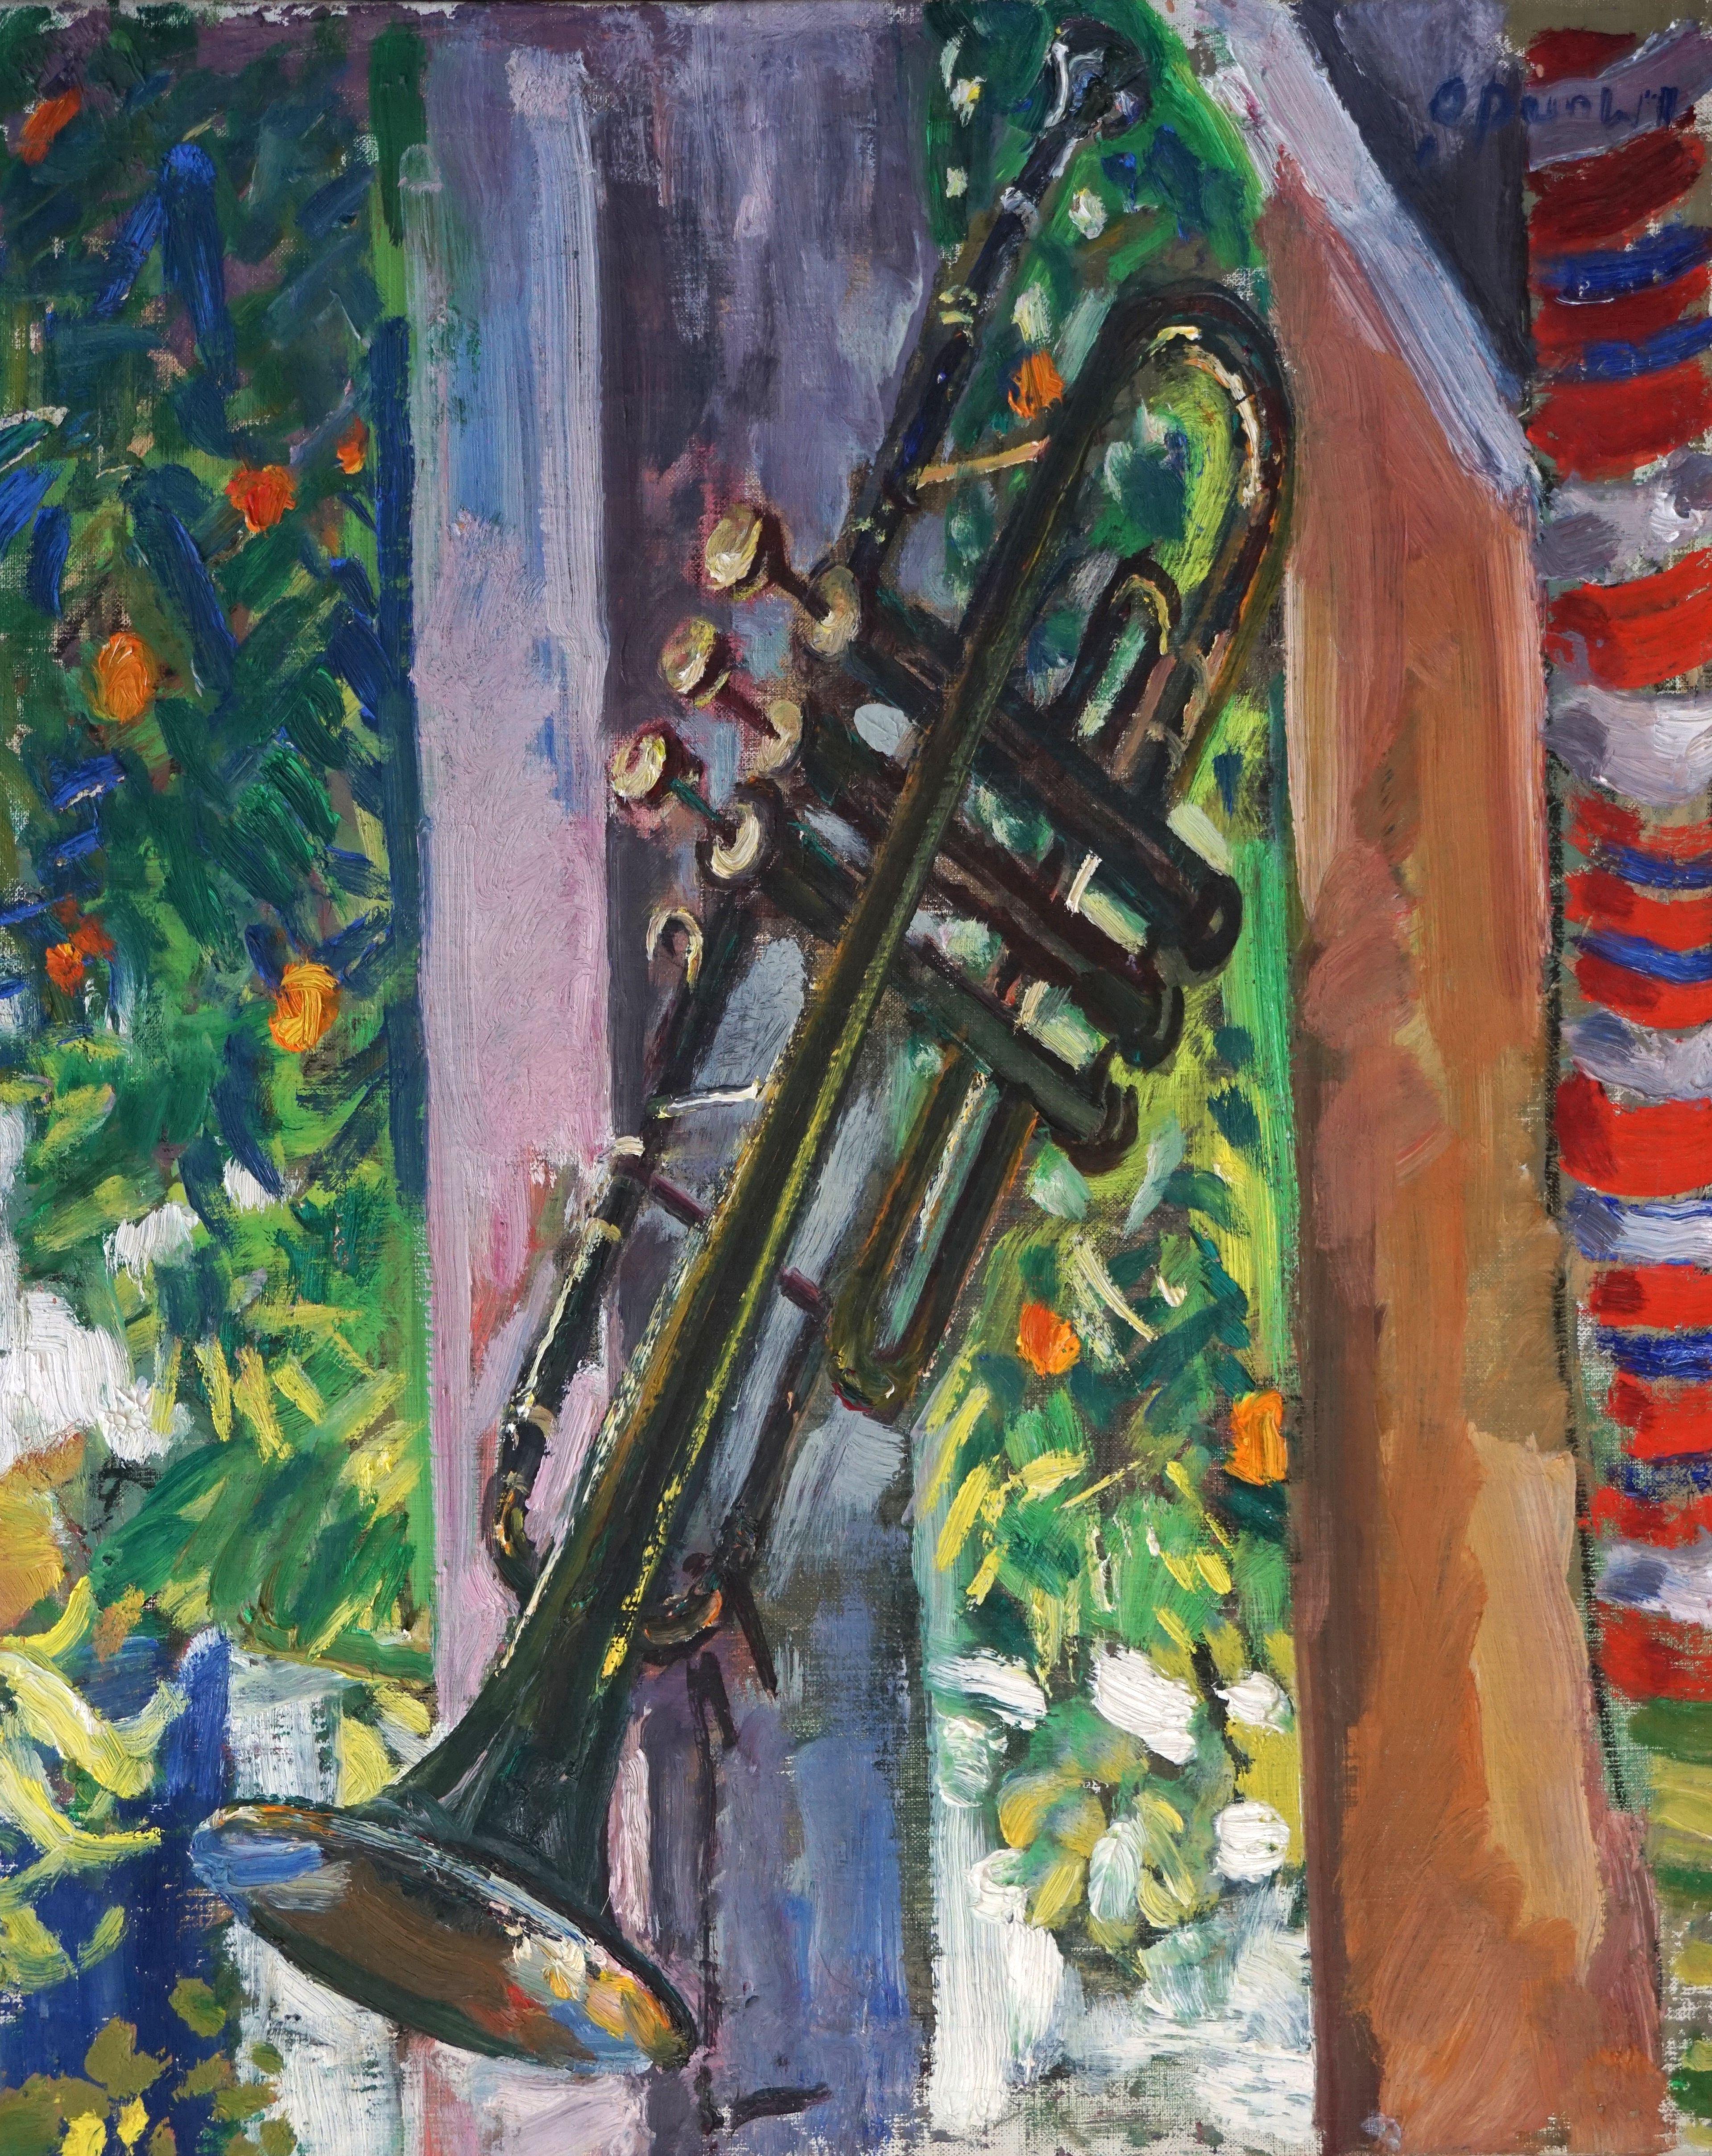 La trompeta